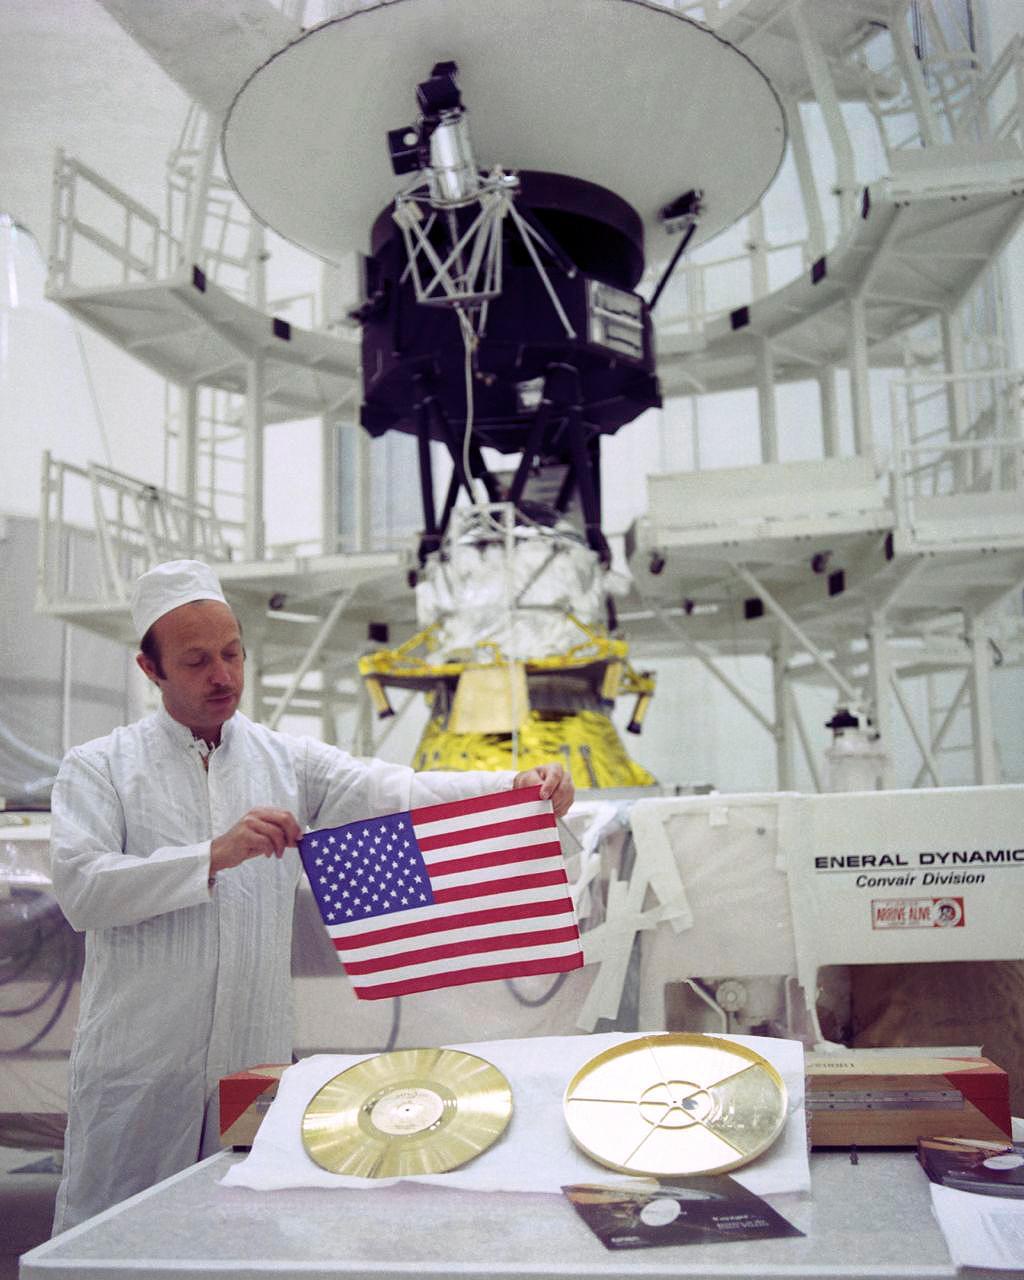 旅行者2号进入星际空间一周年,新发现揭秘星际空间边界